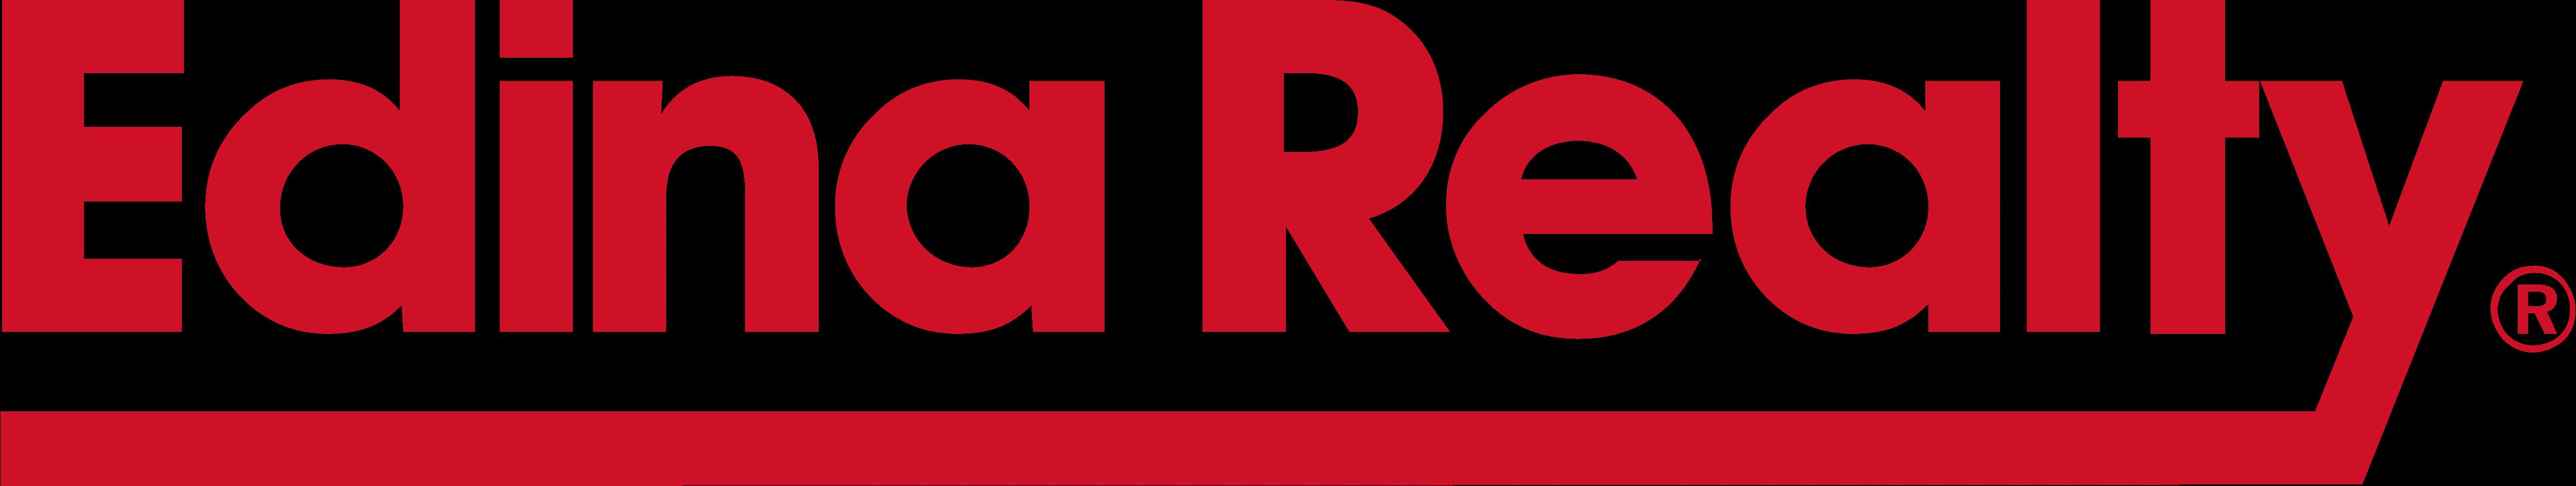 Edina Realty Logos Download